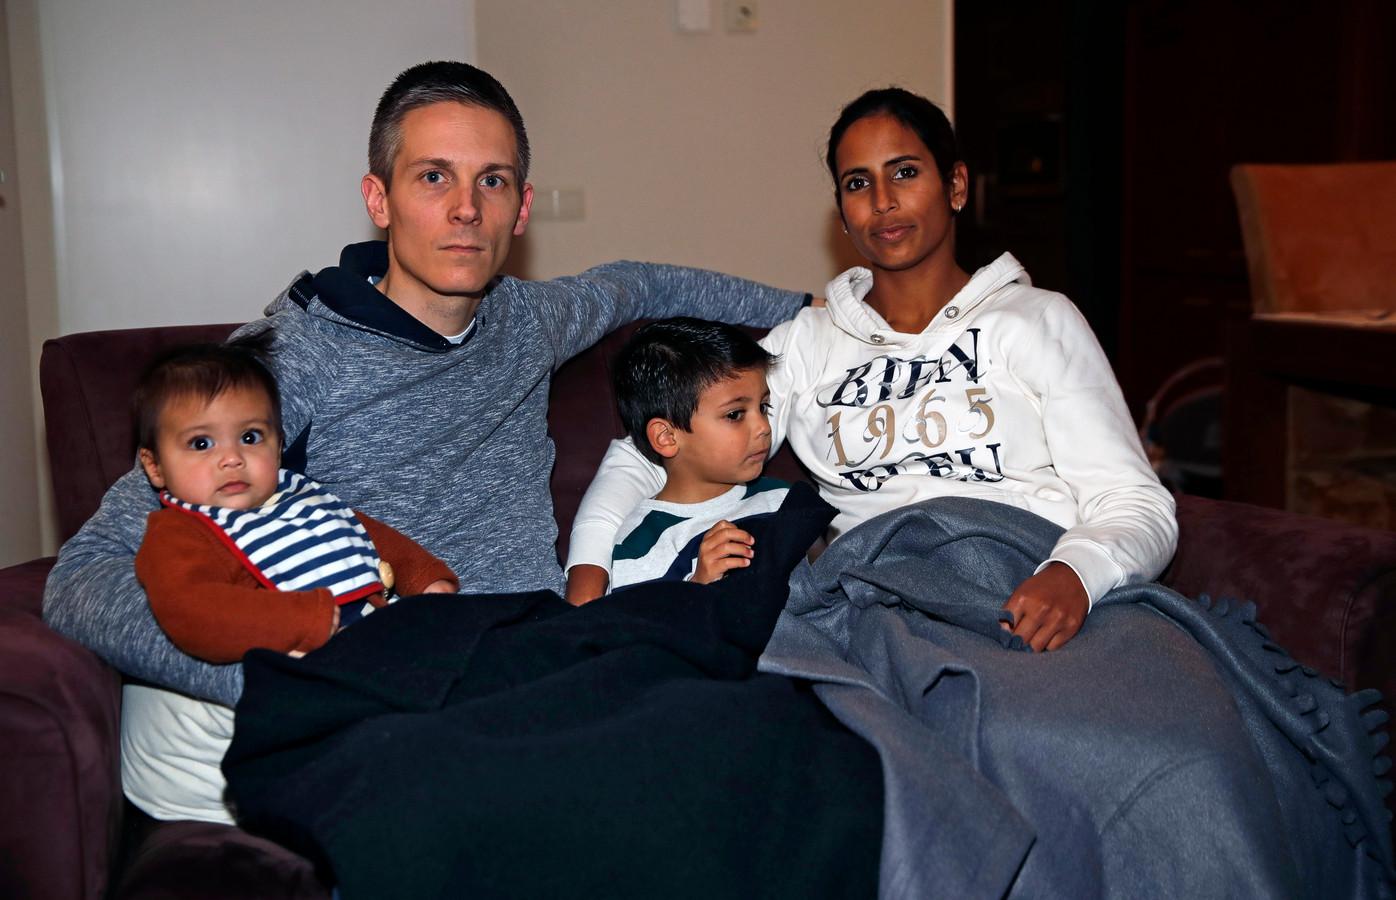 Remco Harmsen en zijn gezin houden zichzelf maar warm met dekens.